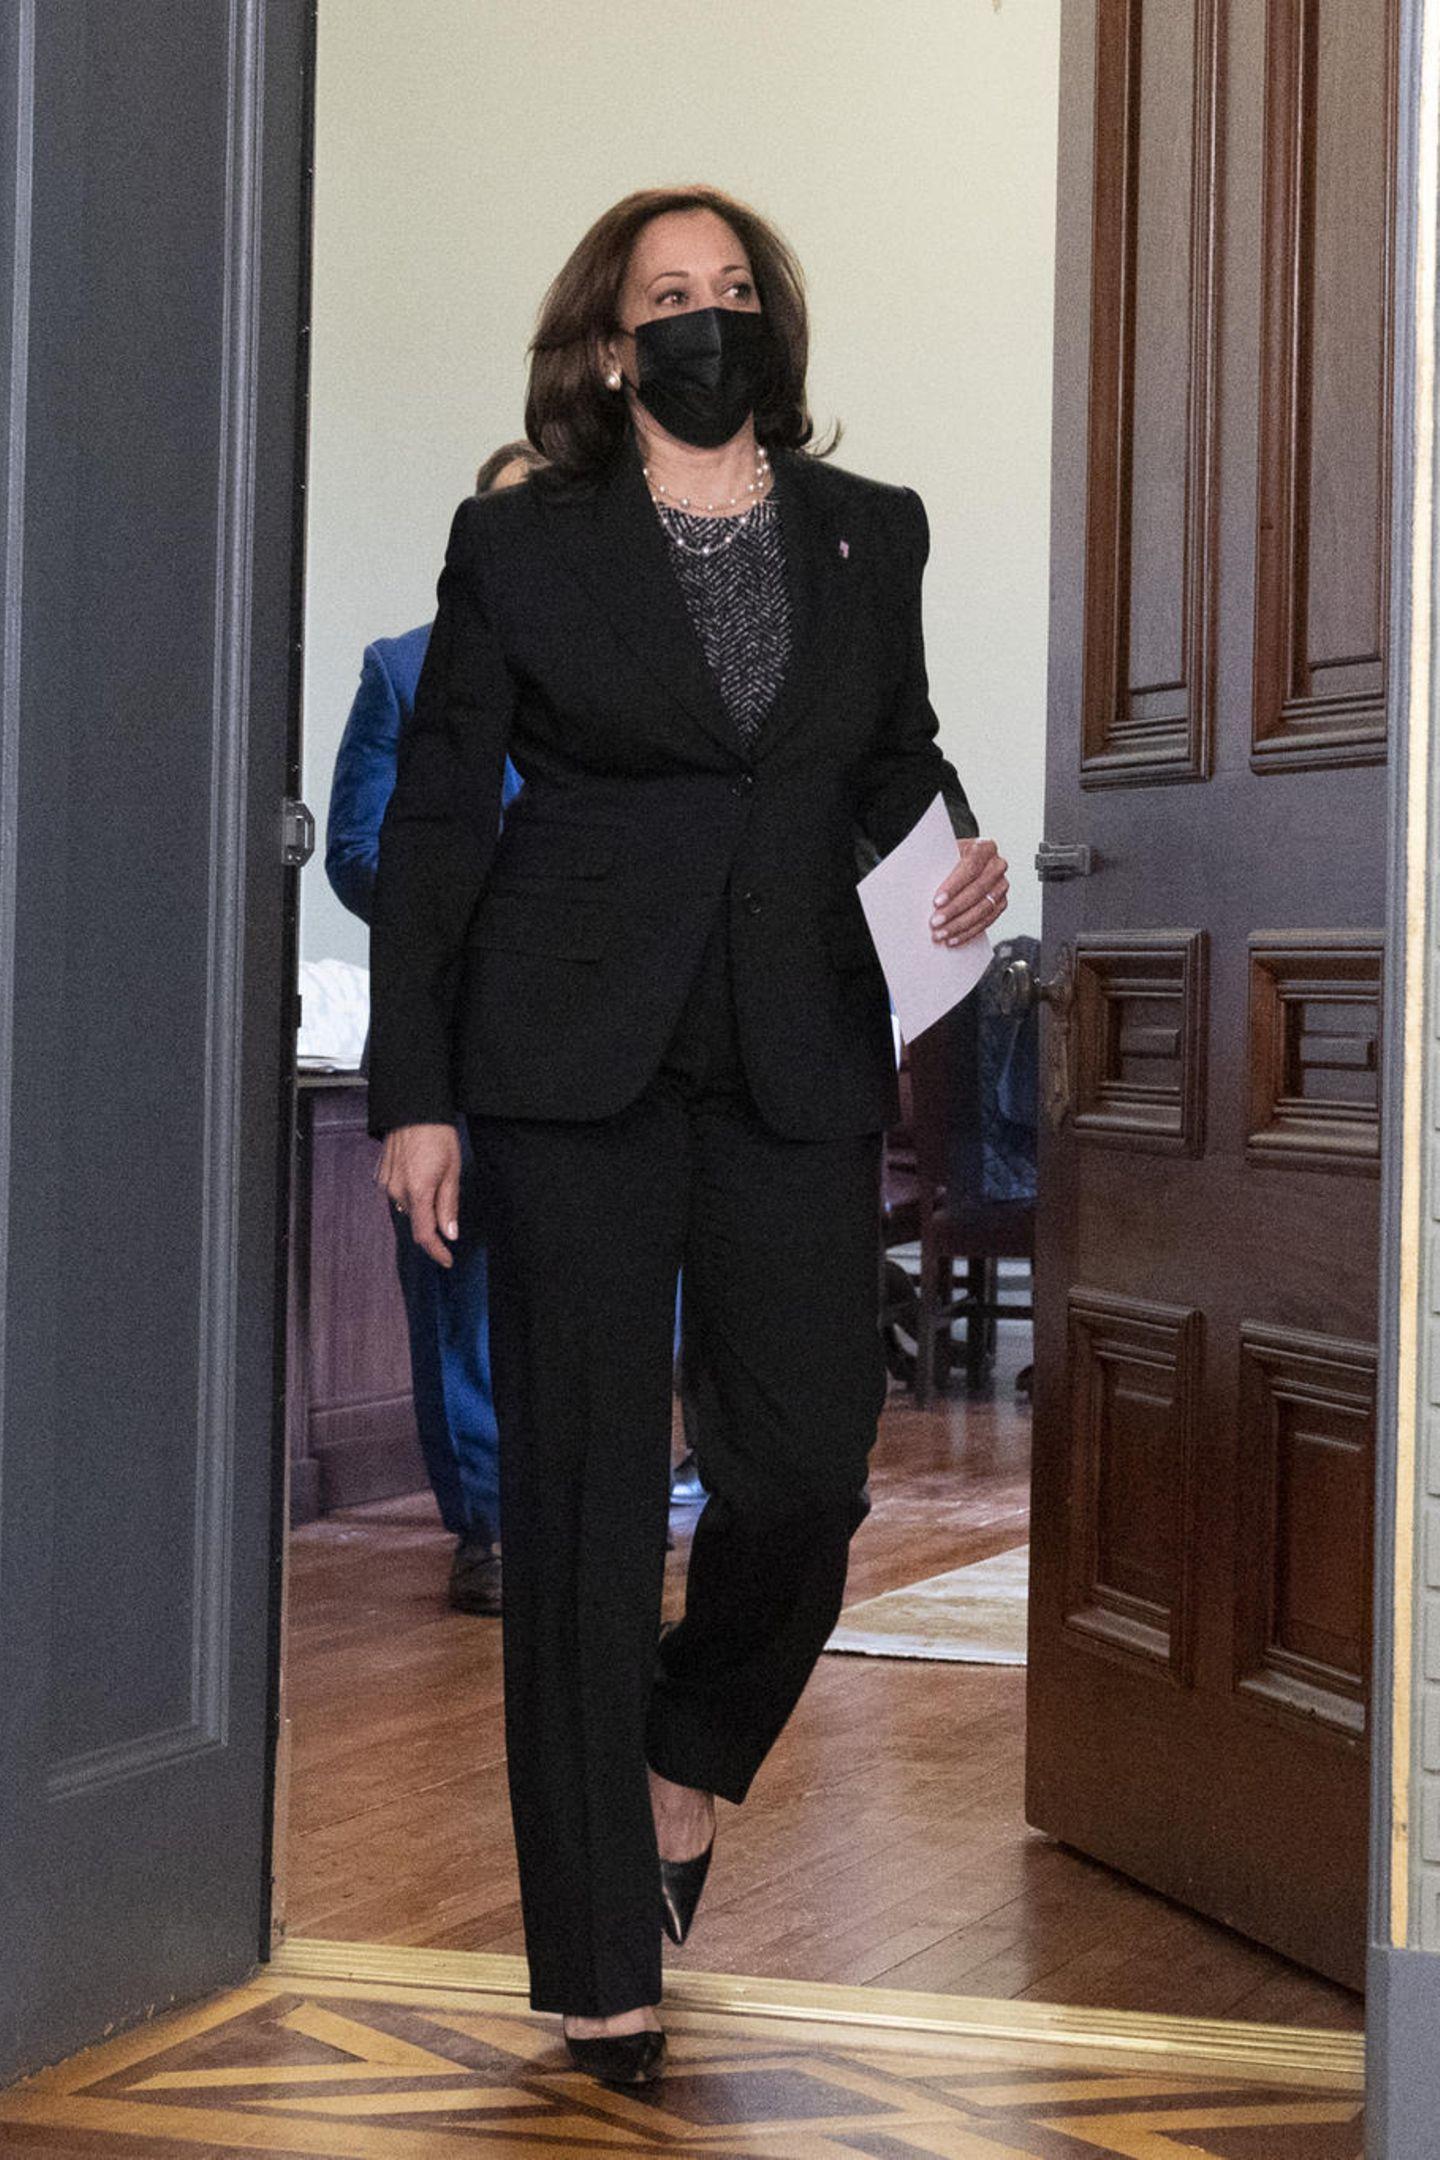 Zur offiziellen Vereidigung vonPete Buttigieg als Verkehrsminister peppt Kamala Harris ihren schwarzen Hosenanzug mit einem Glitzershirt und spitzen Pumpsetwas auf. Es ist ein großer Tag für die Vizepräsidentin, denn mit Pete Buttigieg bestätigen sie denerstenöffentlichschwulenBundesminister.